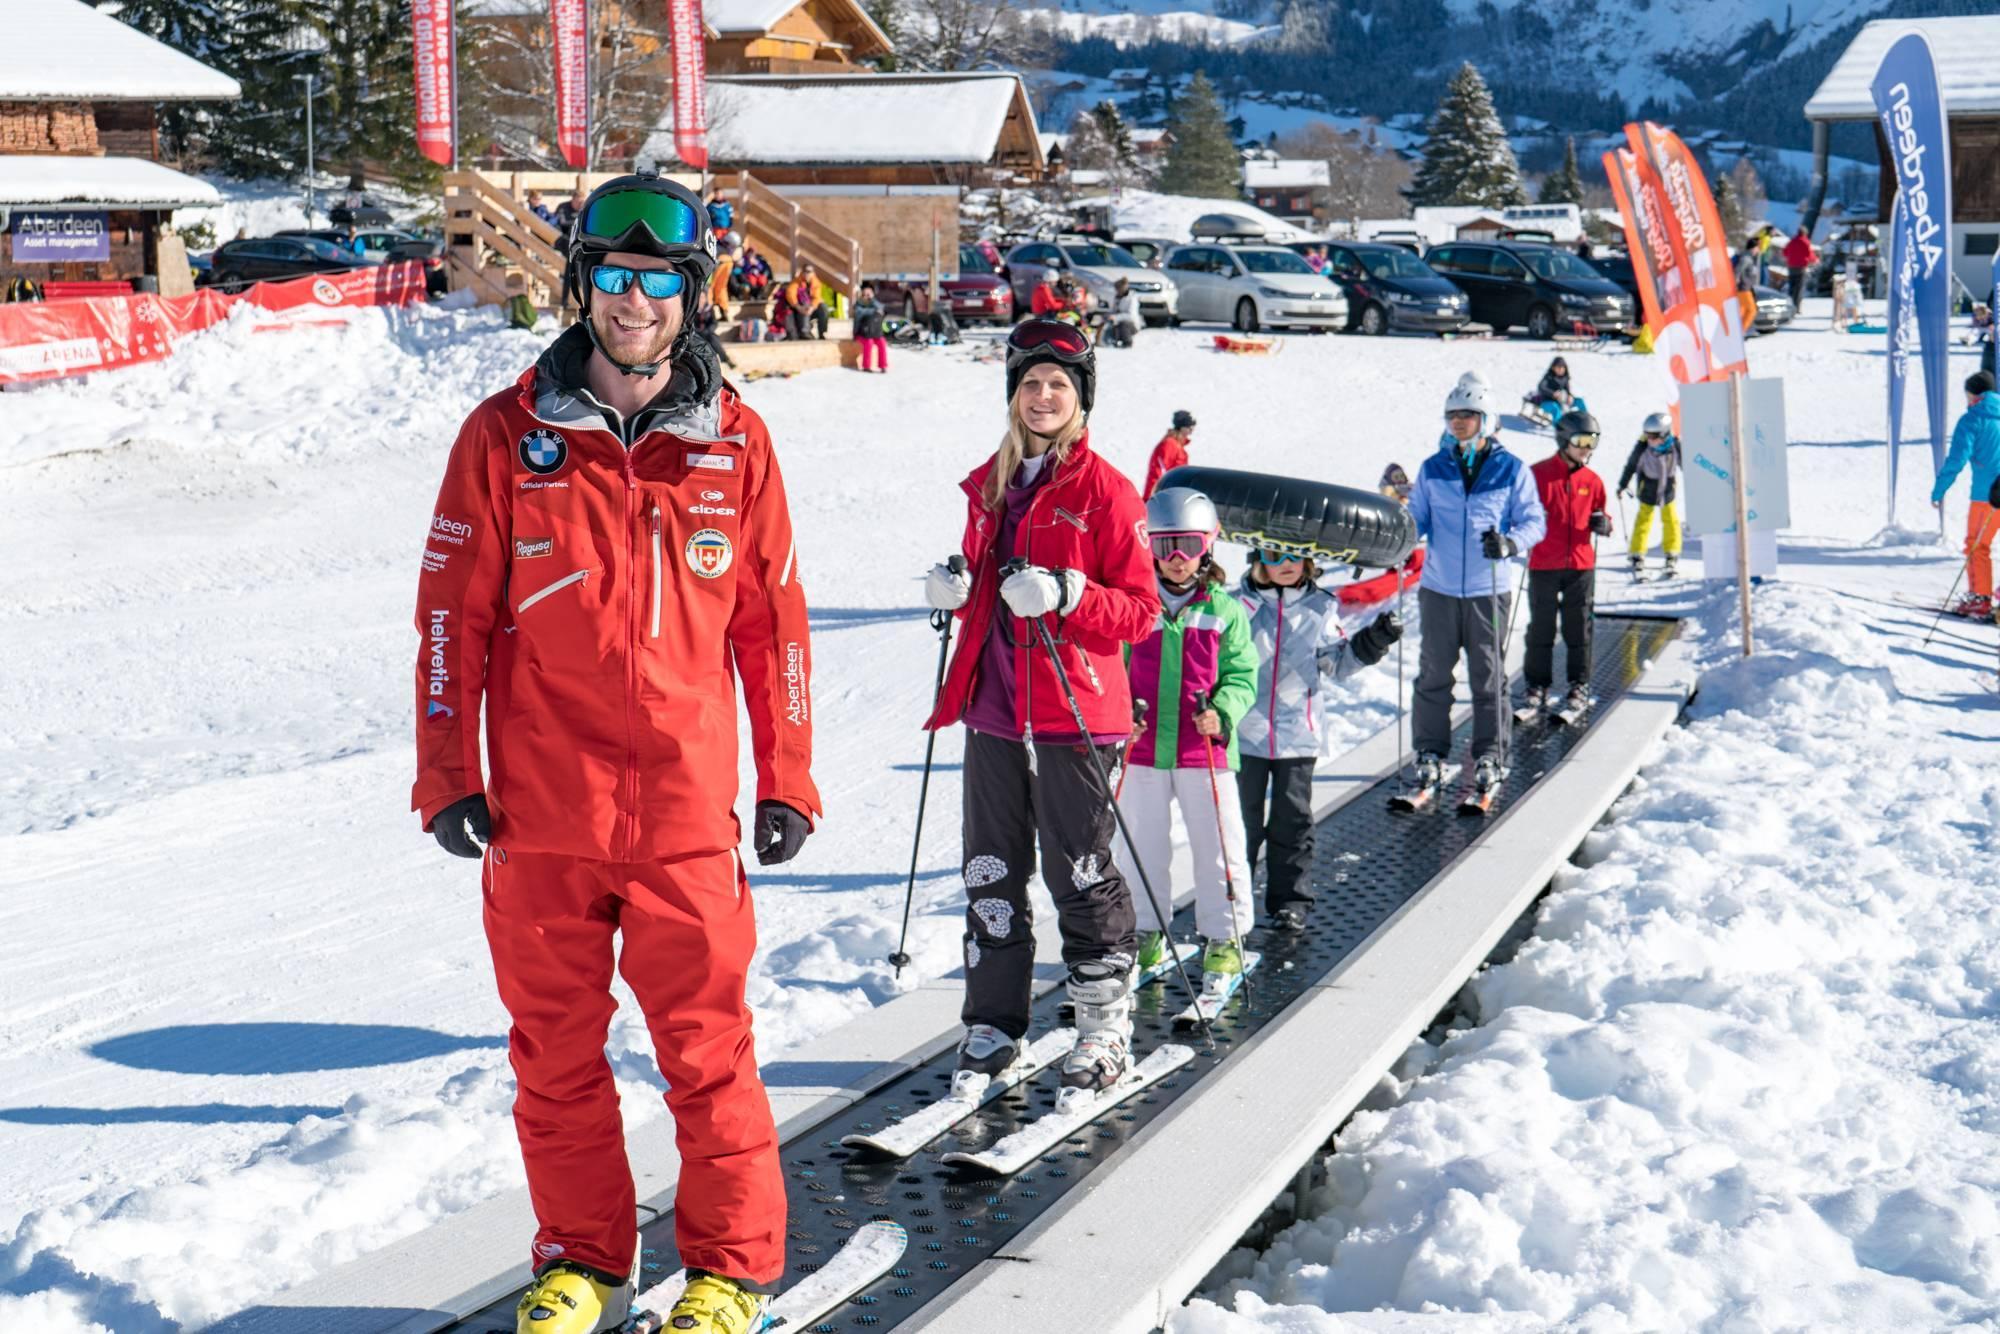 Skilessen voor volwassenen vanaf 12 jaar - beginners